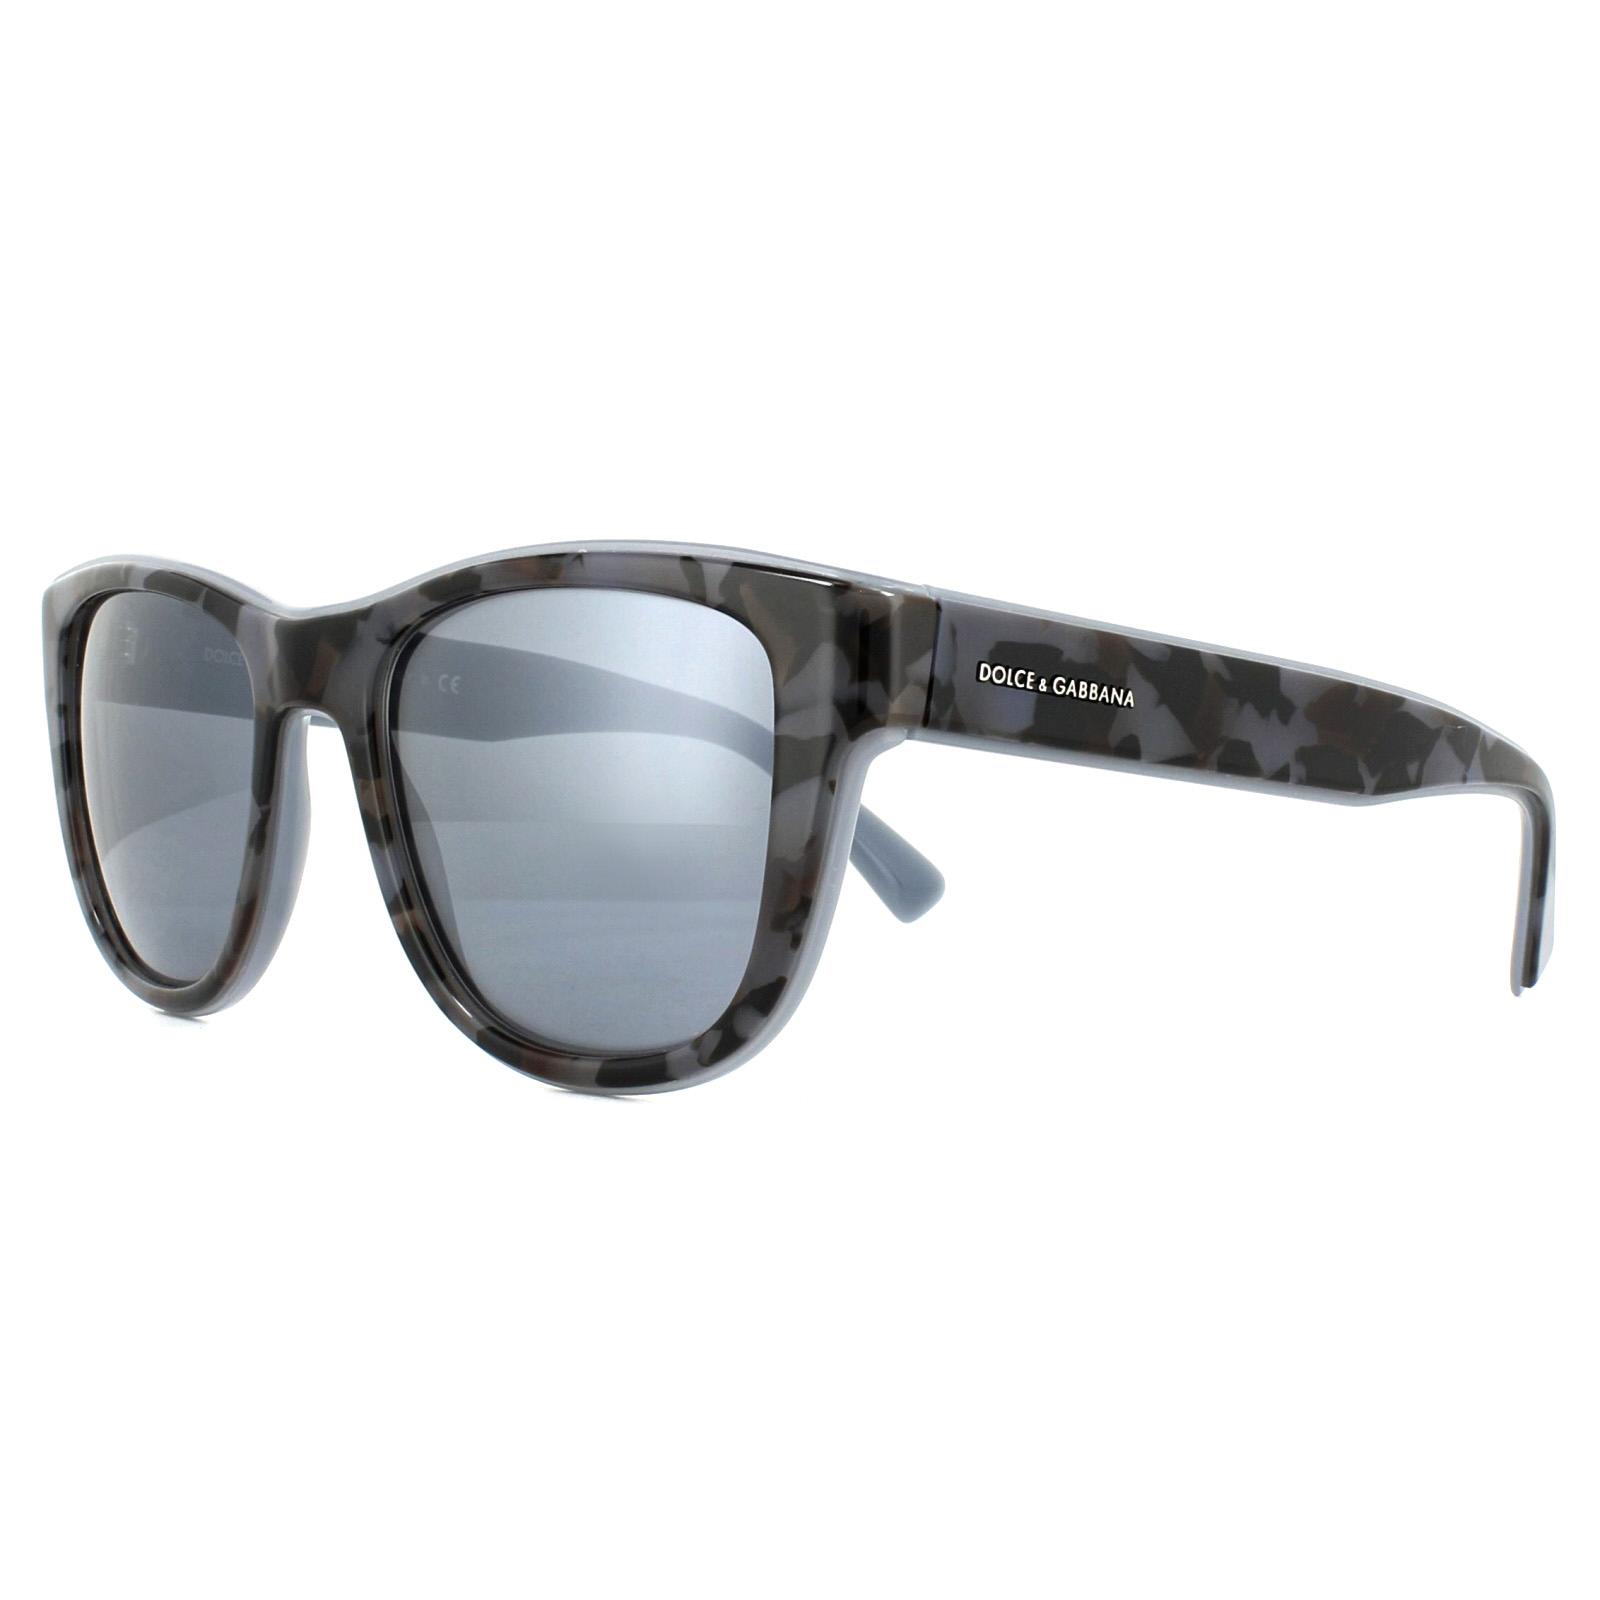 7a39354dafec7 Sentinel Dolce   Gabbana Sunglasses 4284 3072Y6 Camo Grey on Grey Matt Grey  Silver Mirror